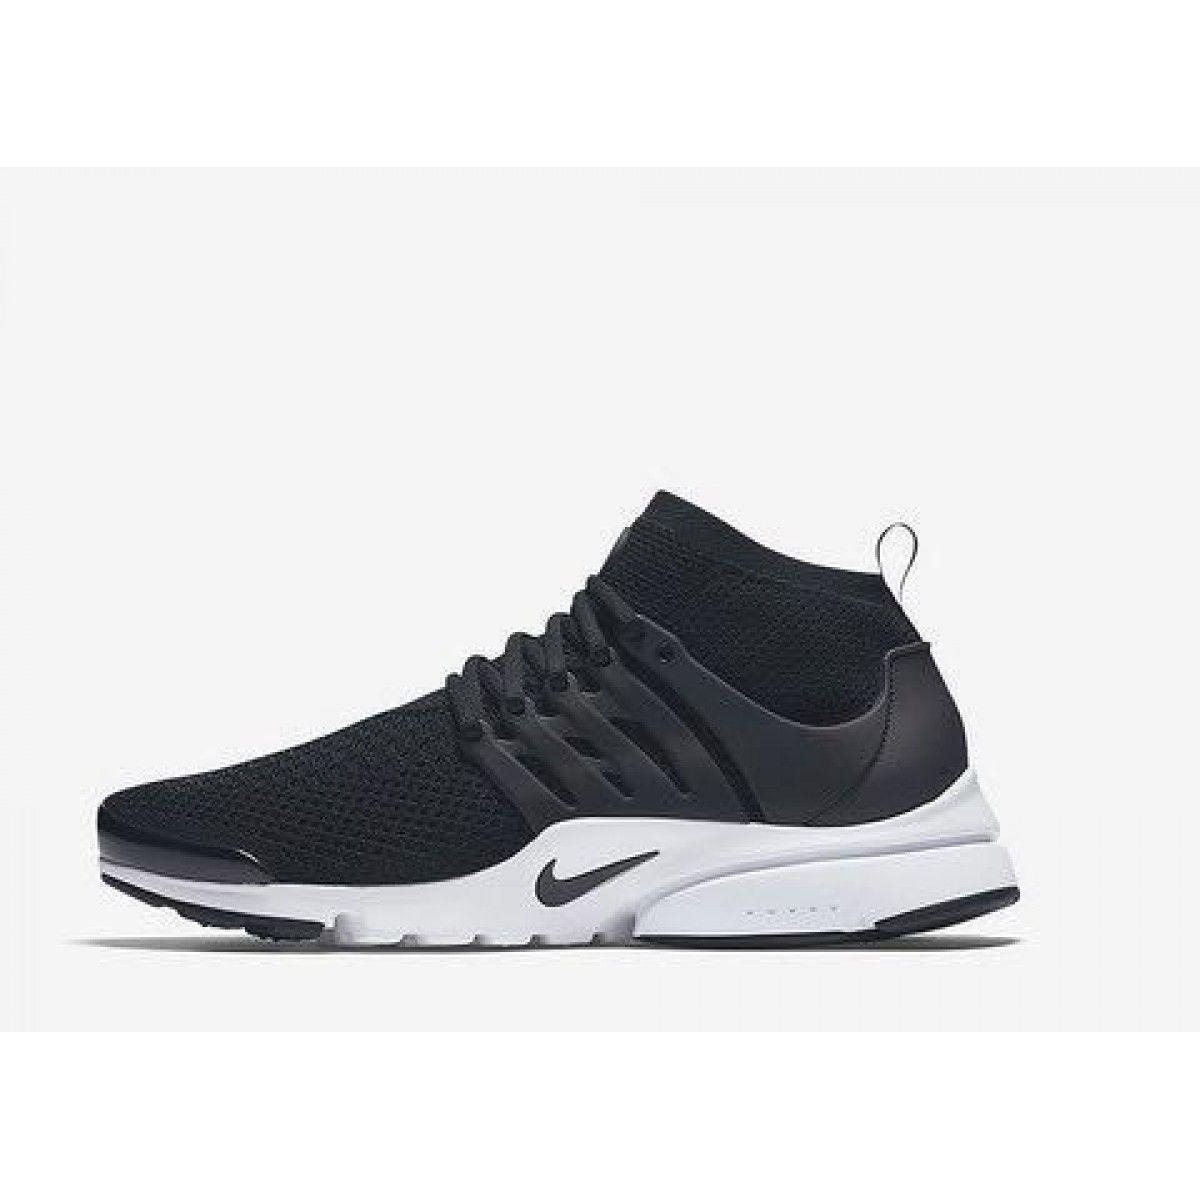 nike shoes presto in footlocker coupons on jordans 892414